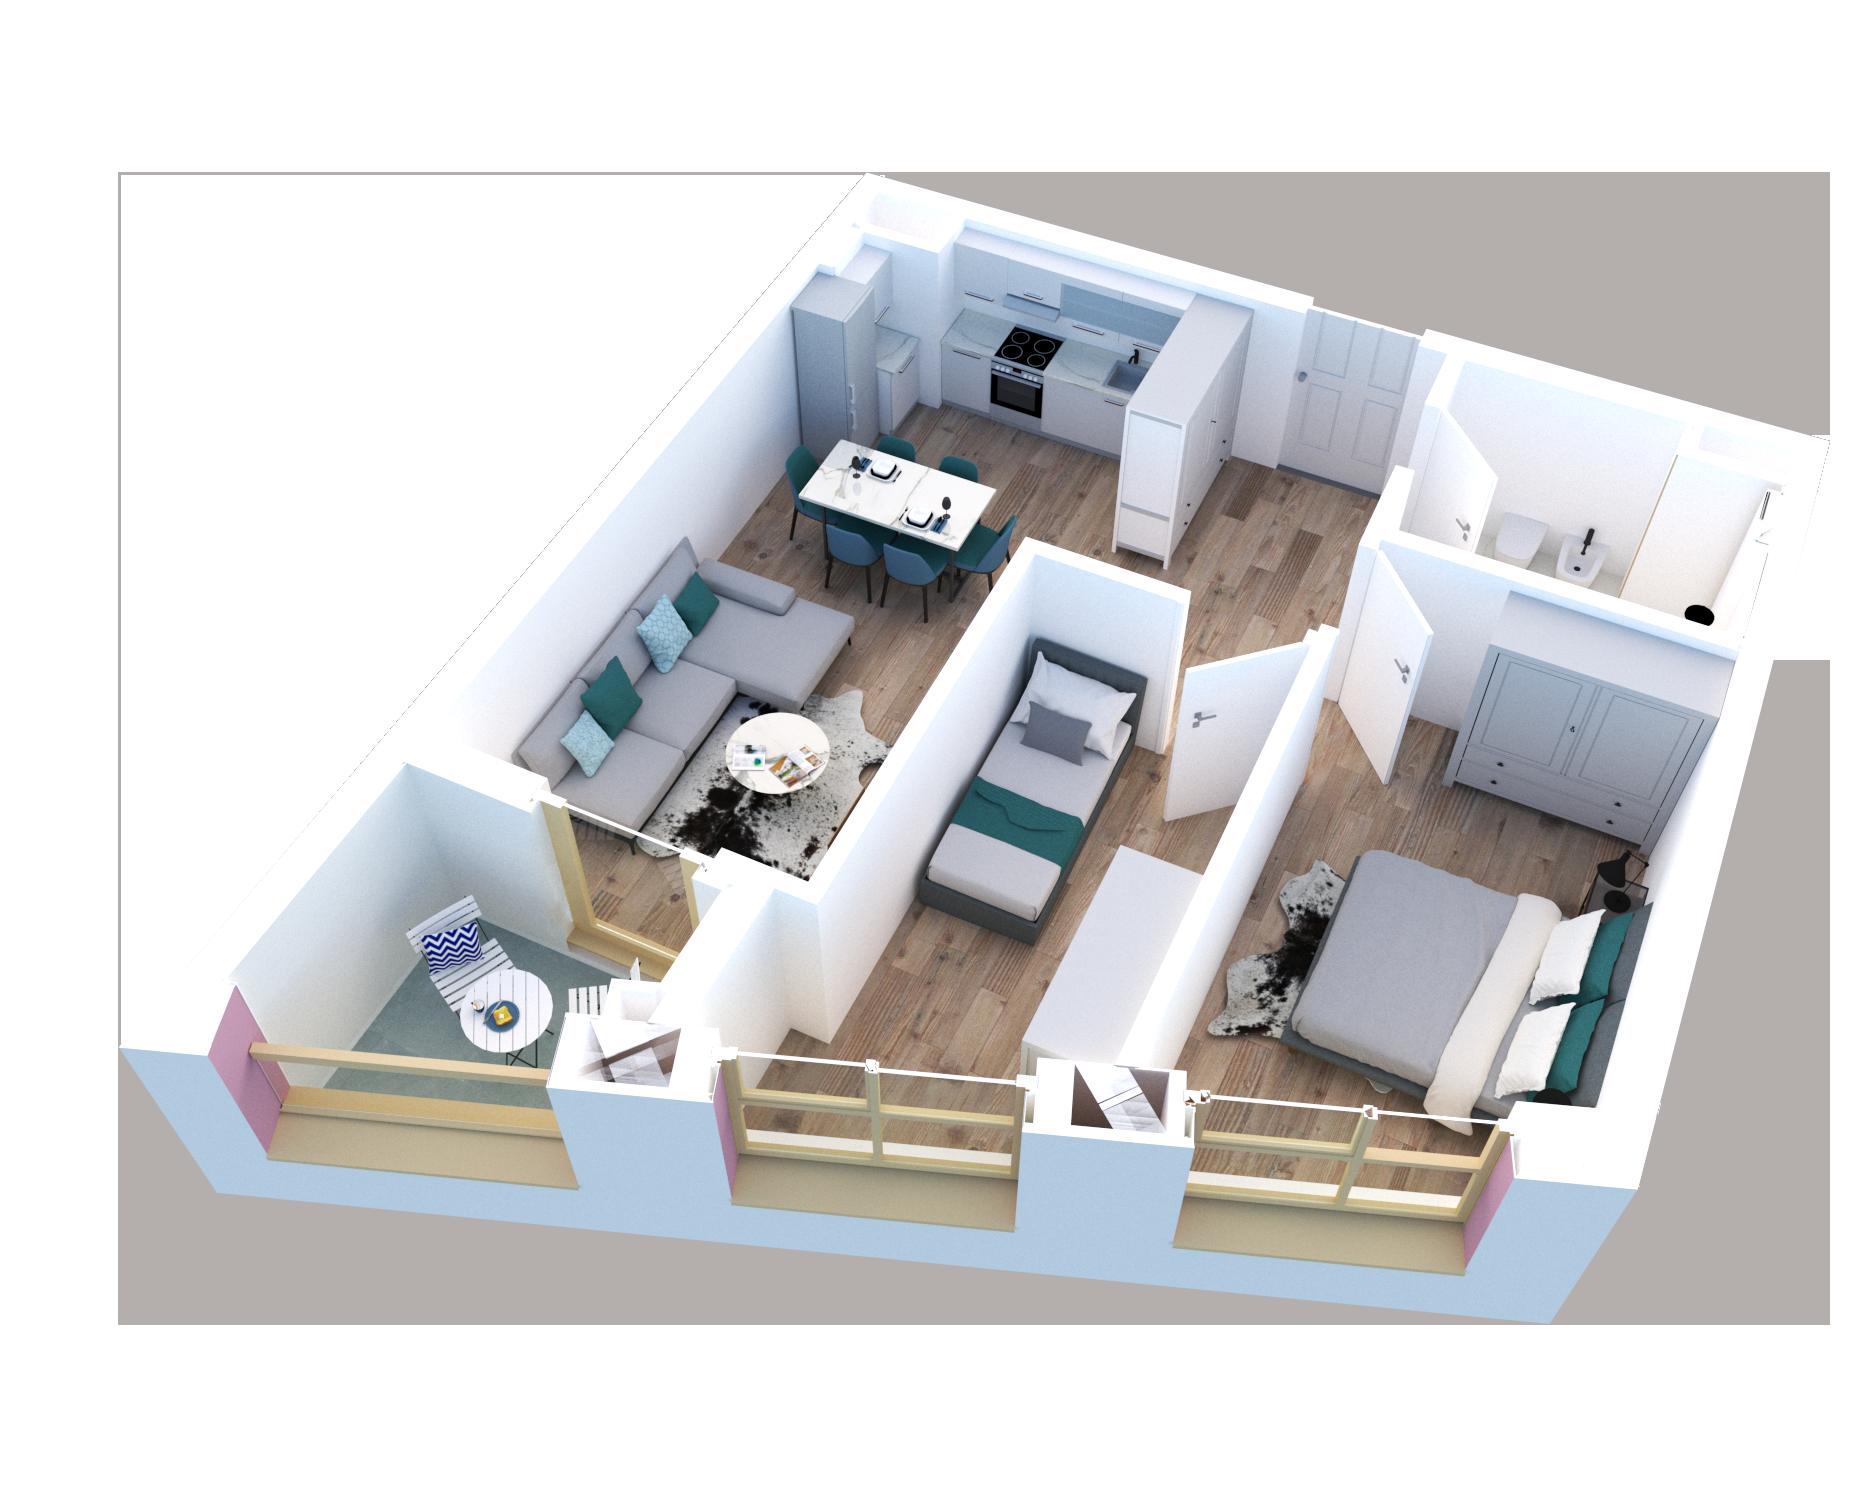 Apartament 2+1 në shitje në Tiranë - Mangalem 21 Shkalla 28 Kati 7